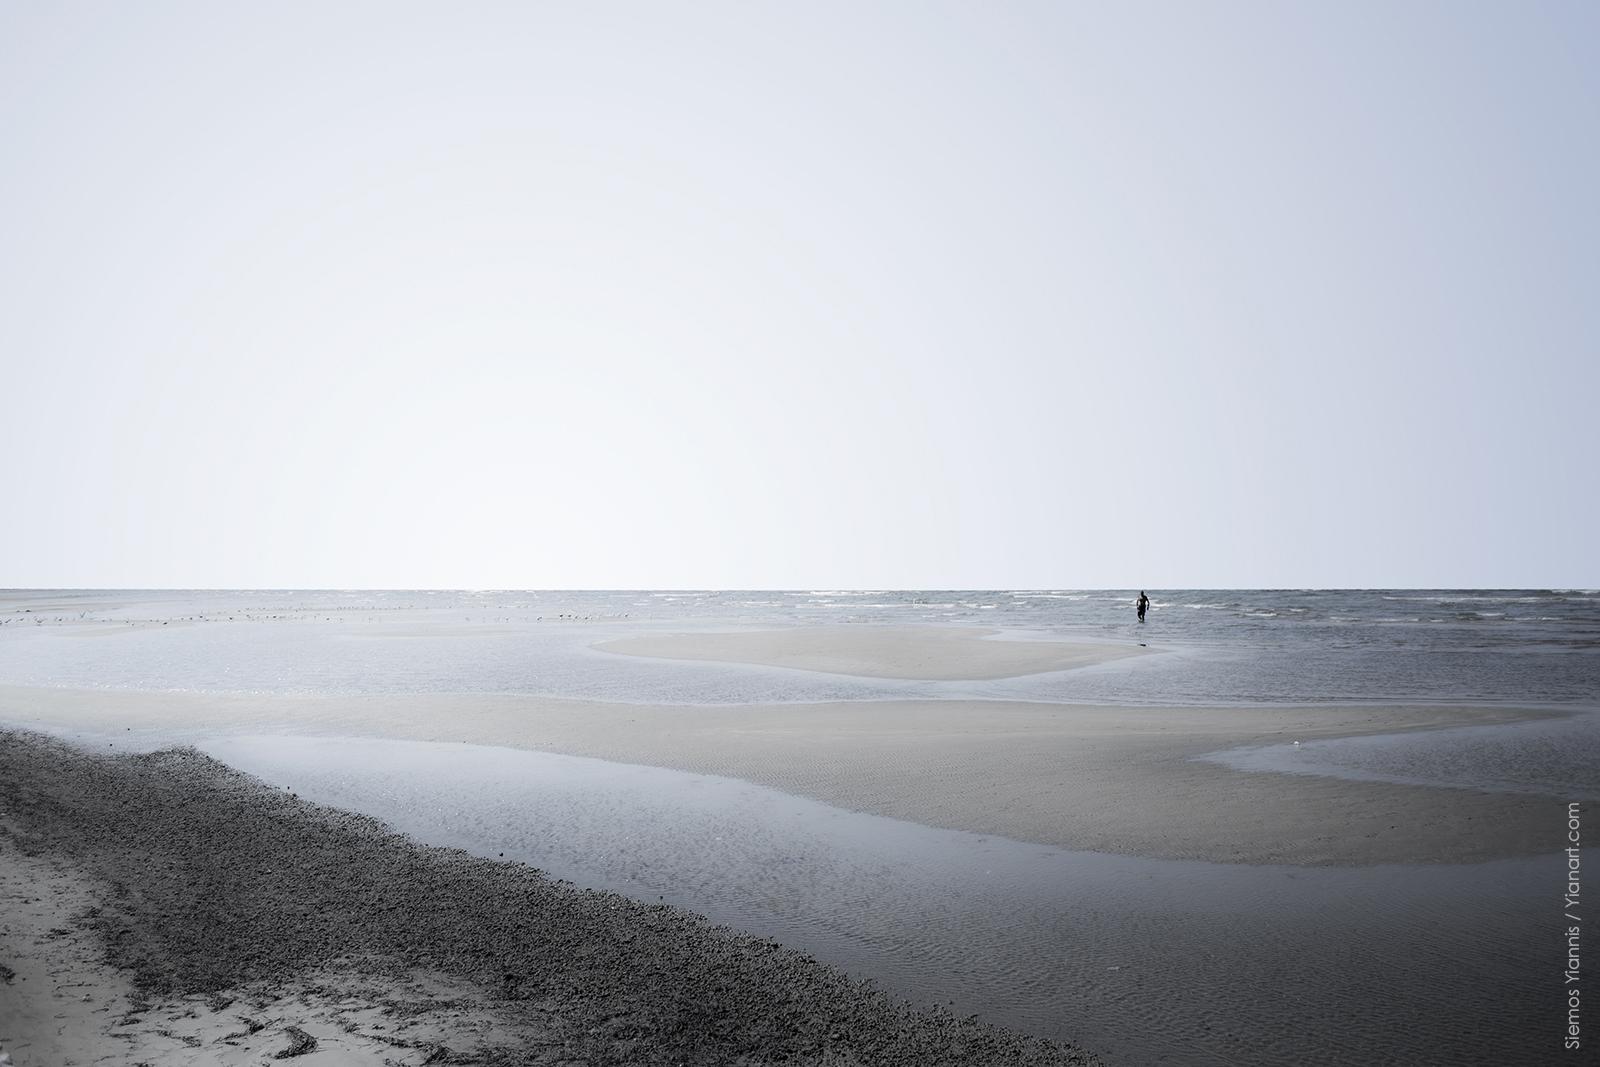 Landscape_4_Yianart